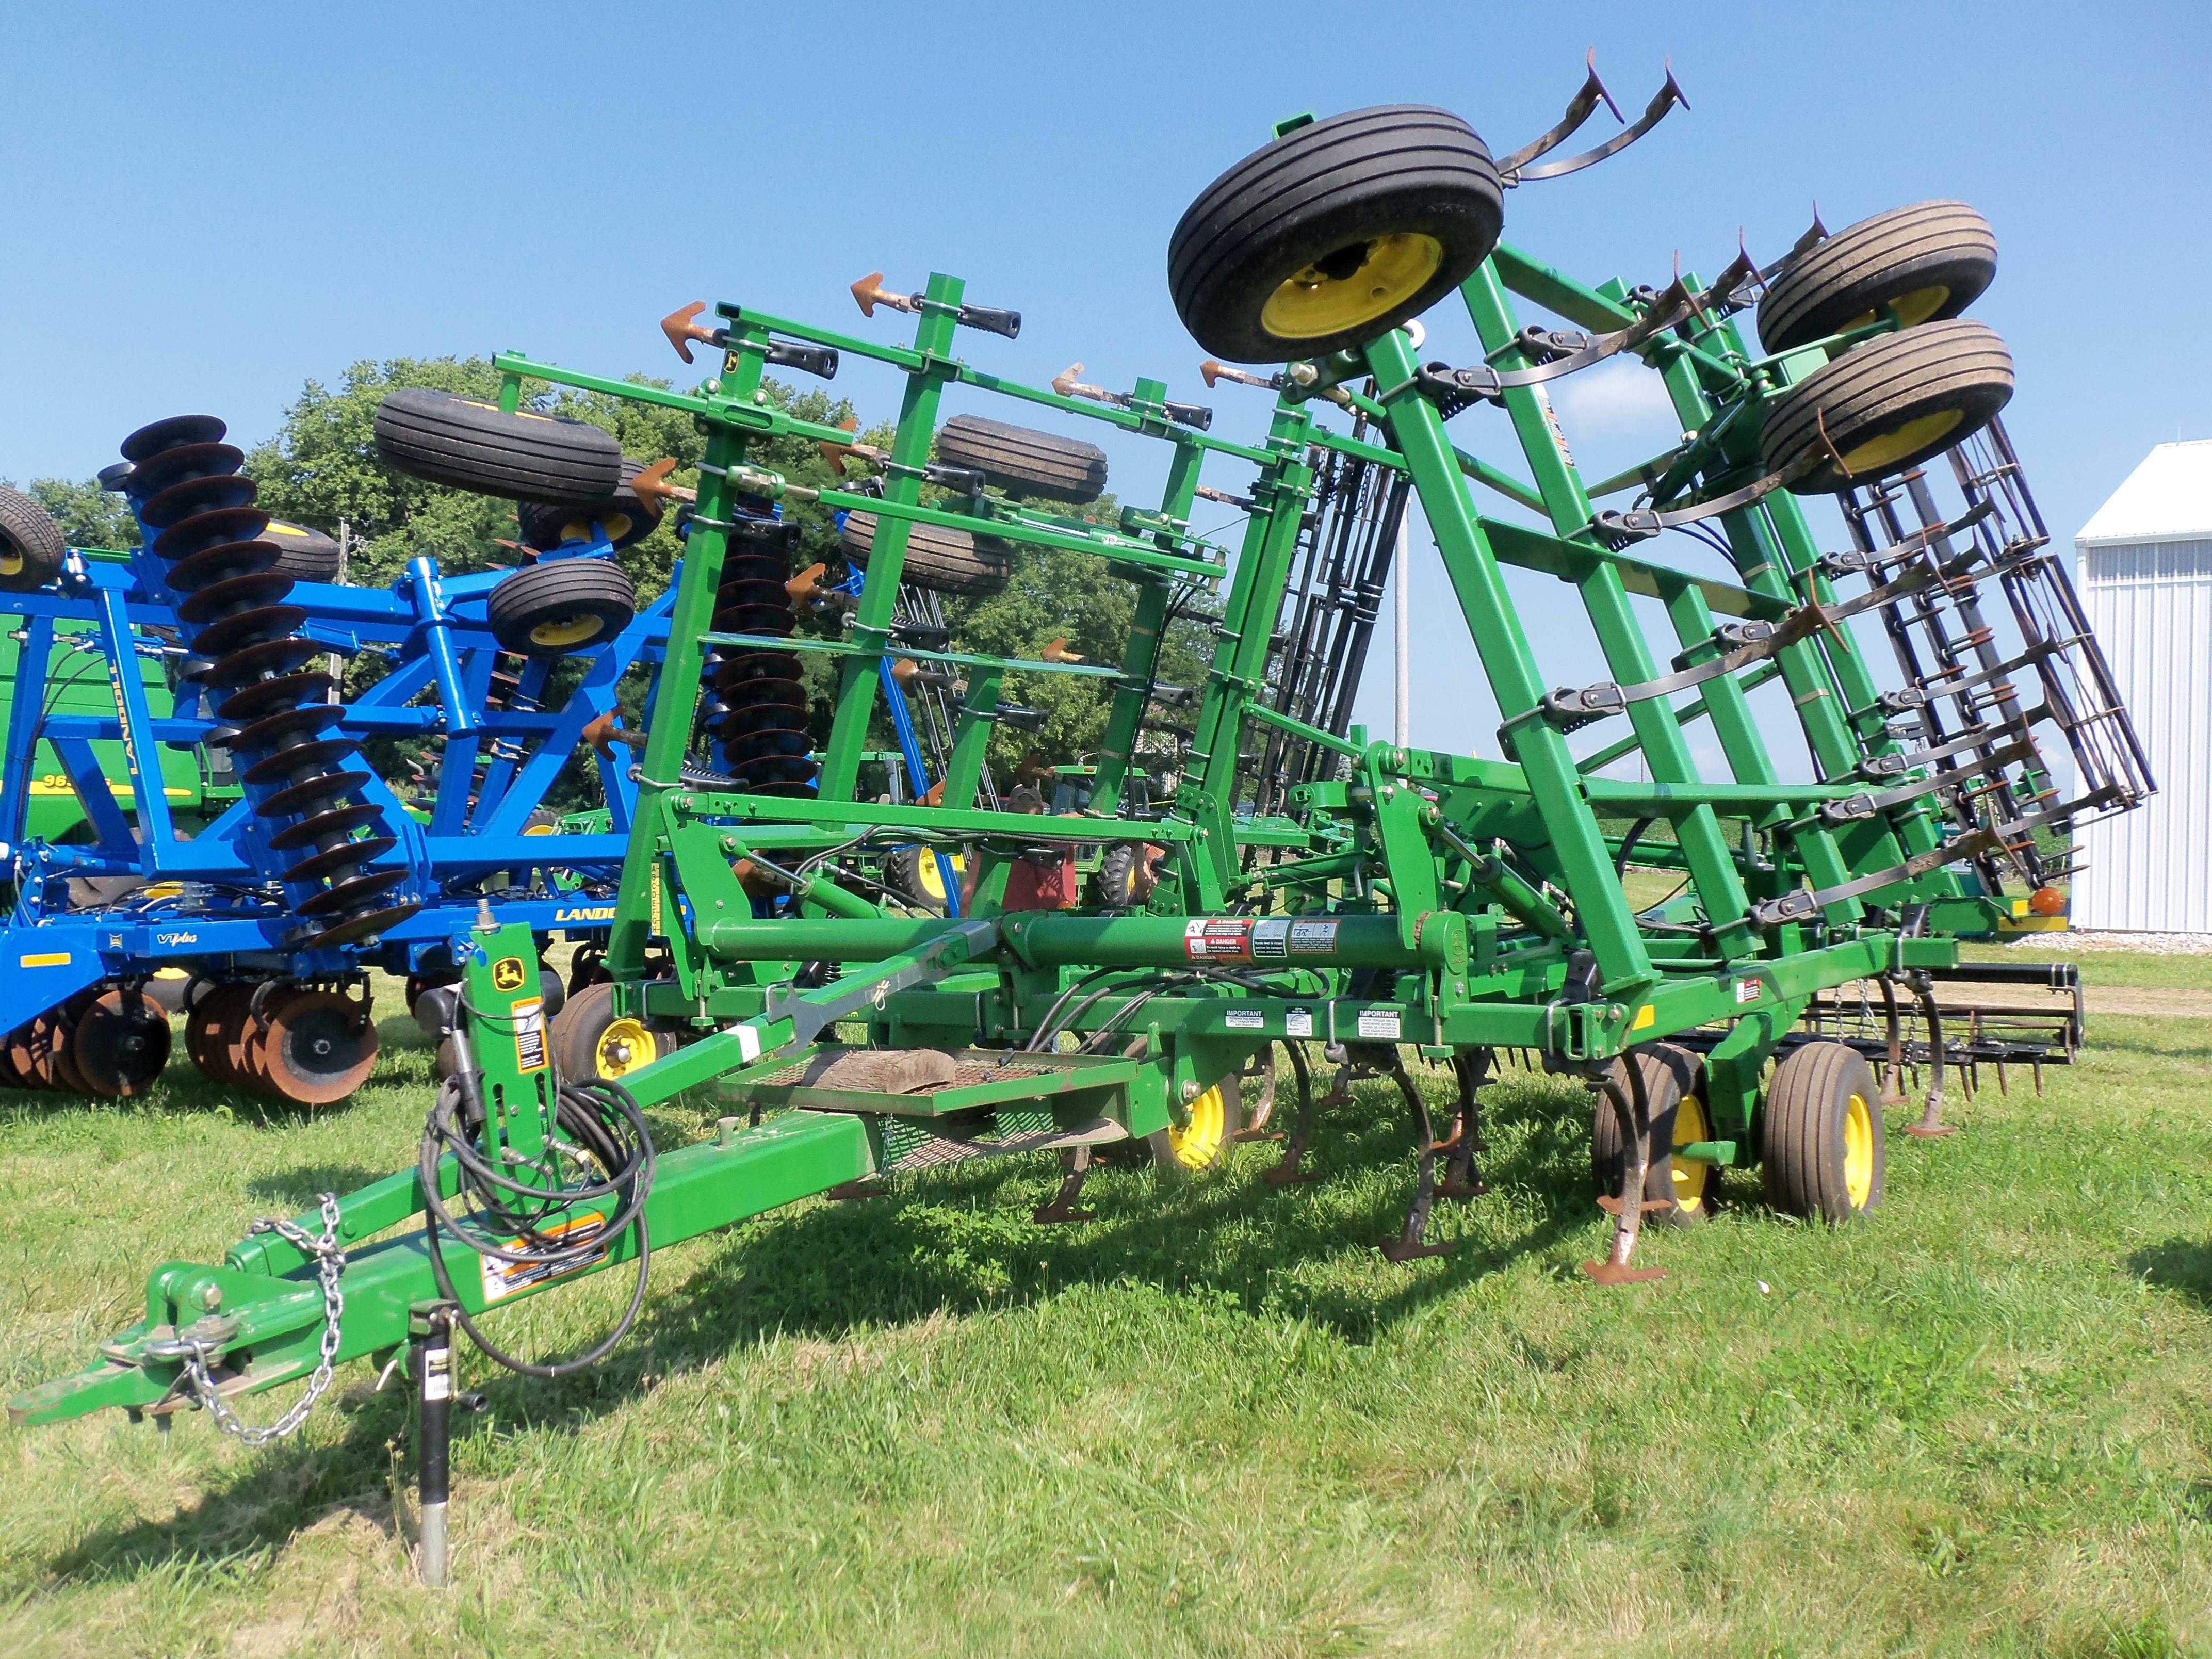 John Deere 2210 field cultivator.30 foot, 2010 model